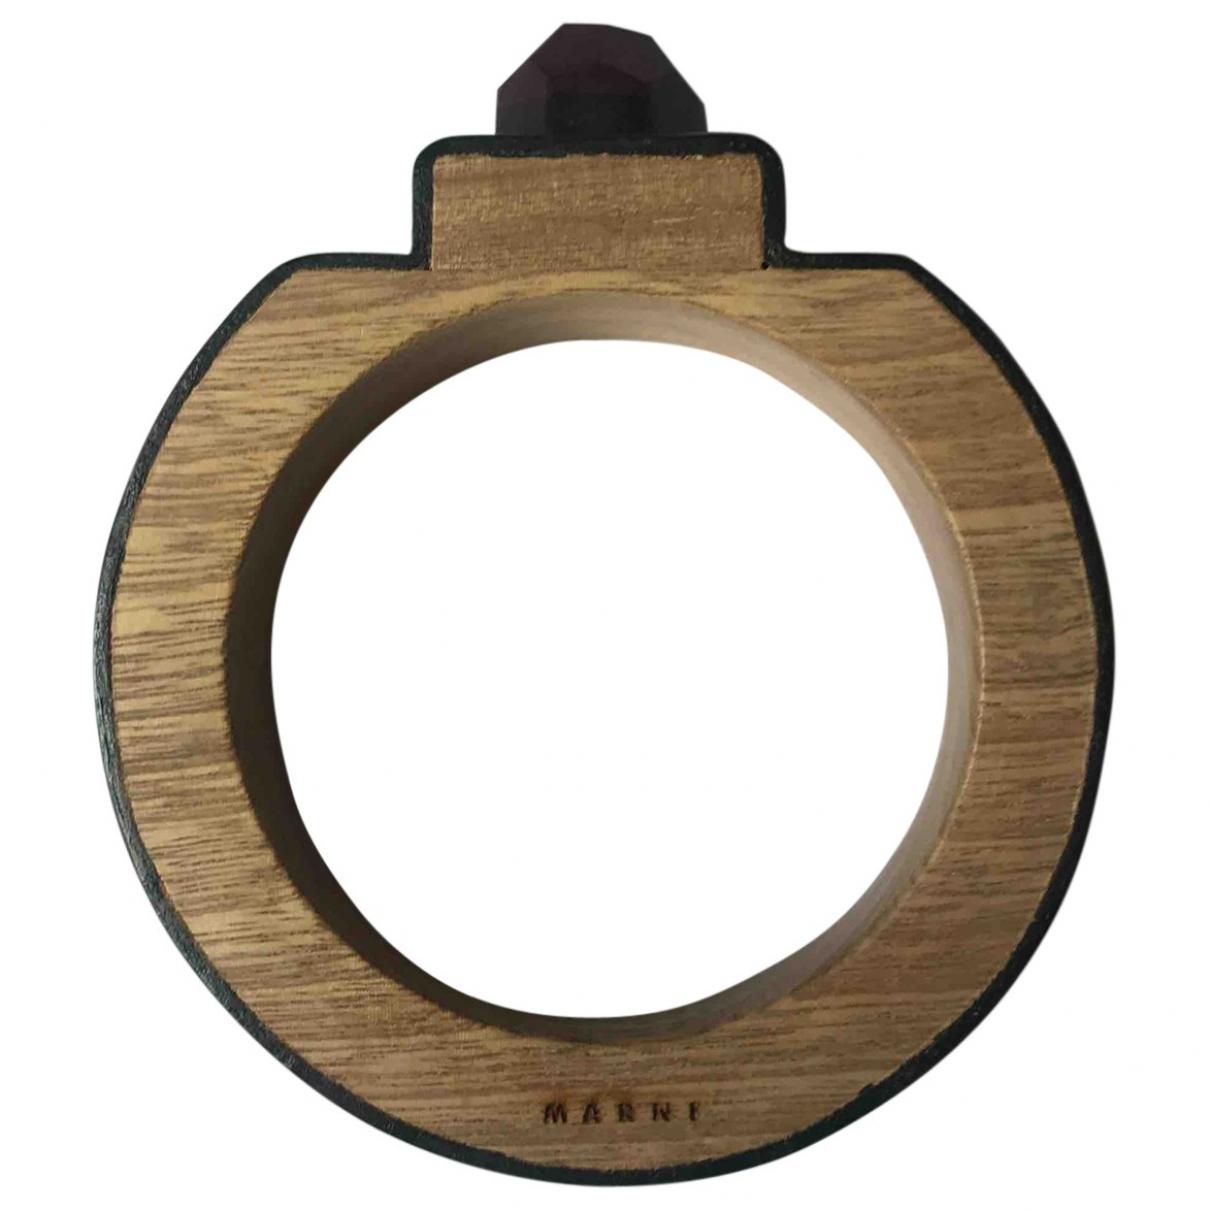 Marni - Bracelet   pour femme en bois - noir